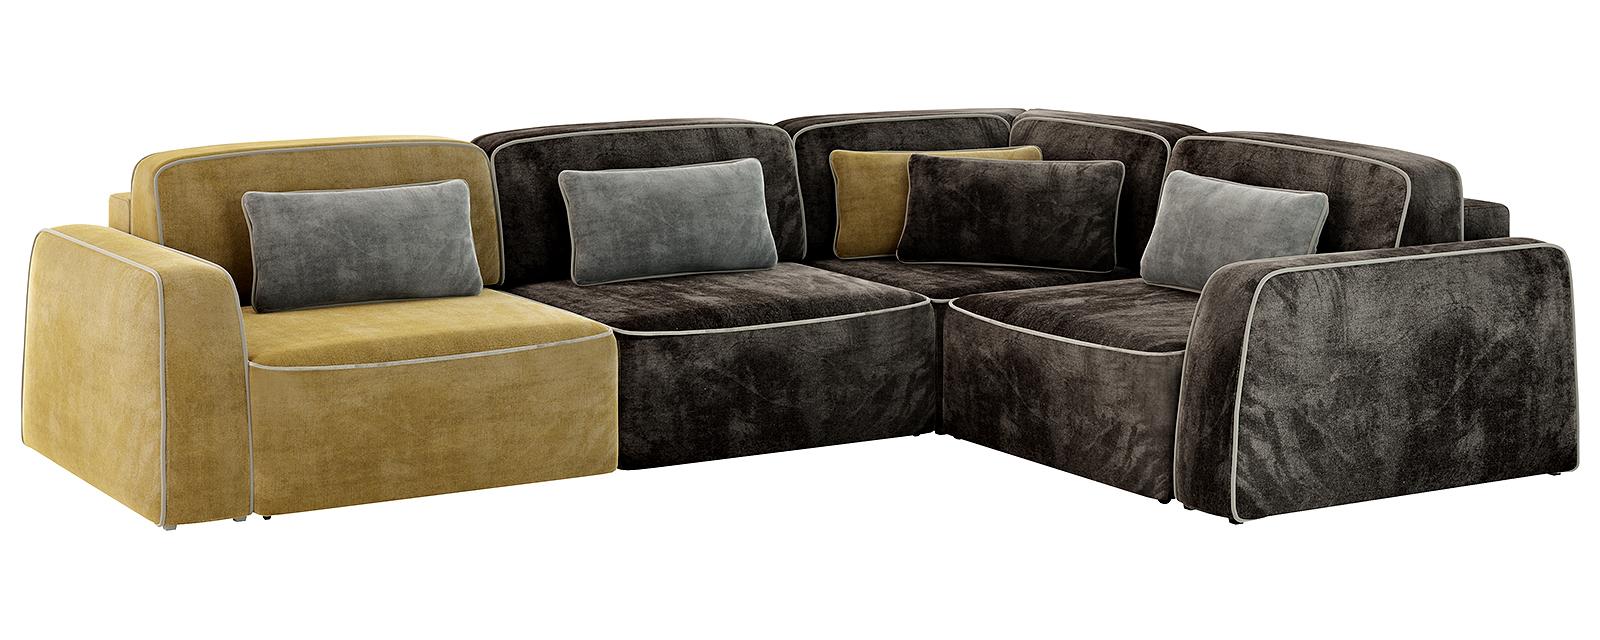 Модульный диван Портленд 350 см Velure оливковый/тёмно-коричневый (Велюр)